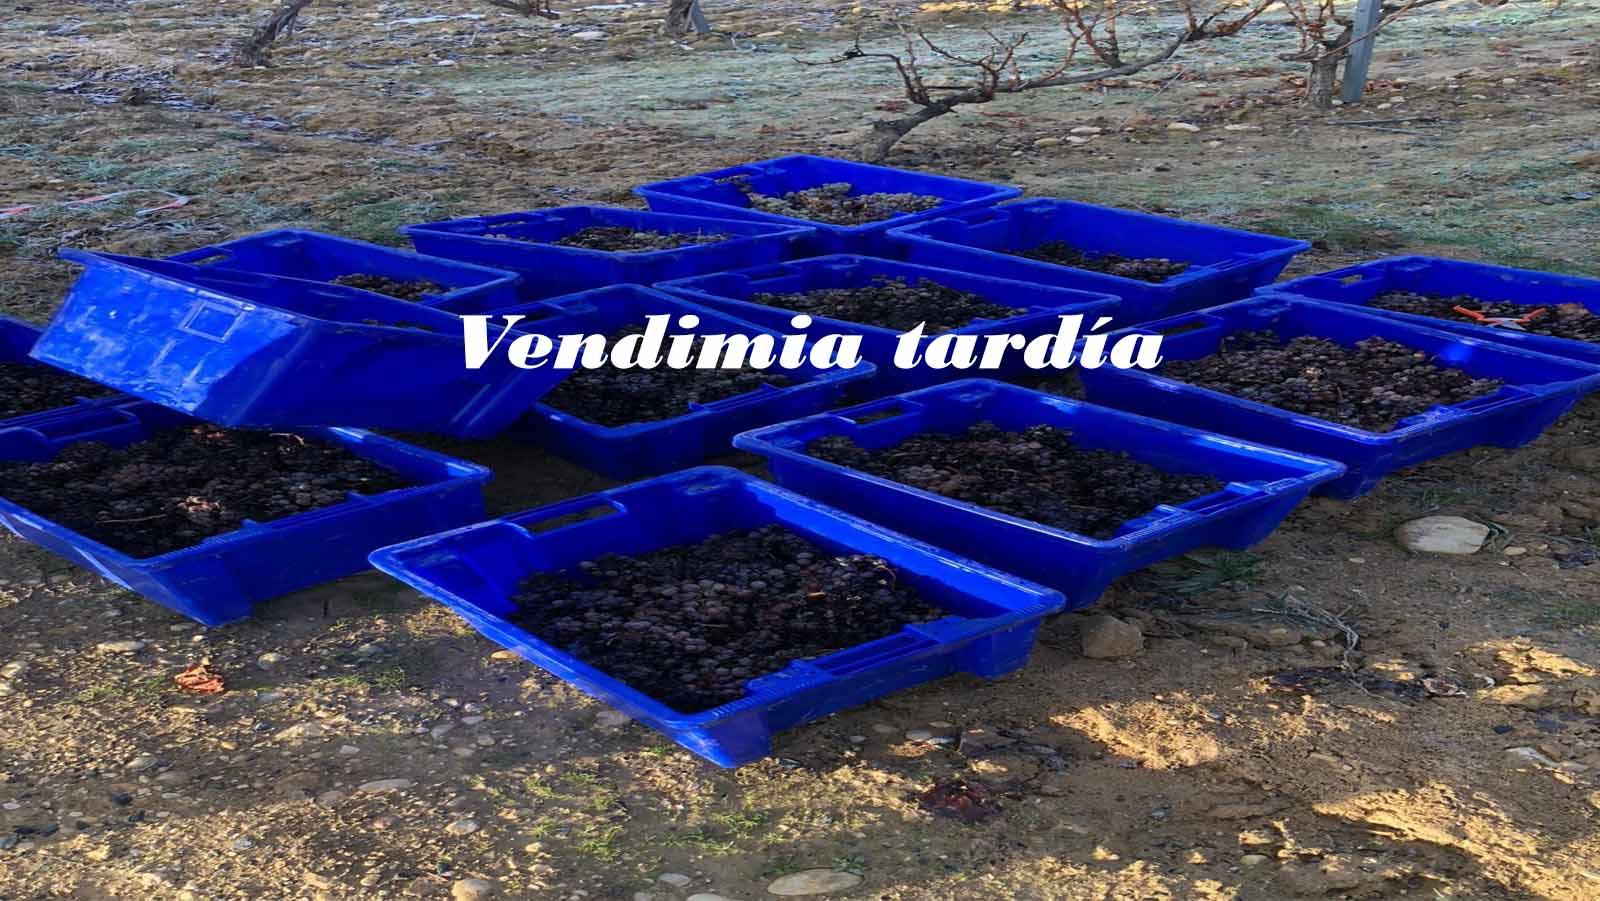 Valdelacierva Vendimia Tardía